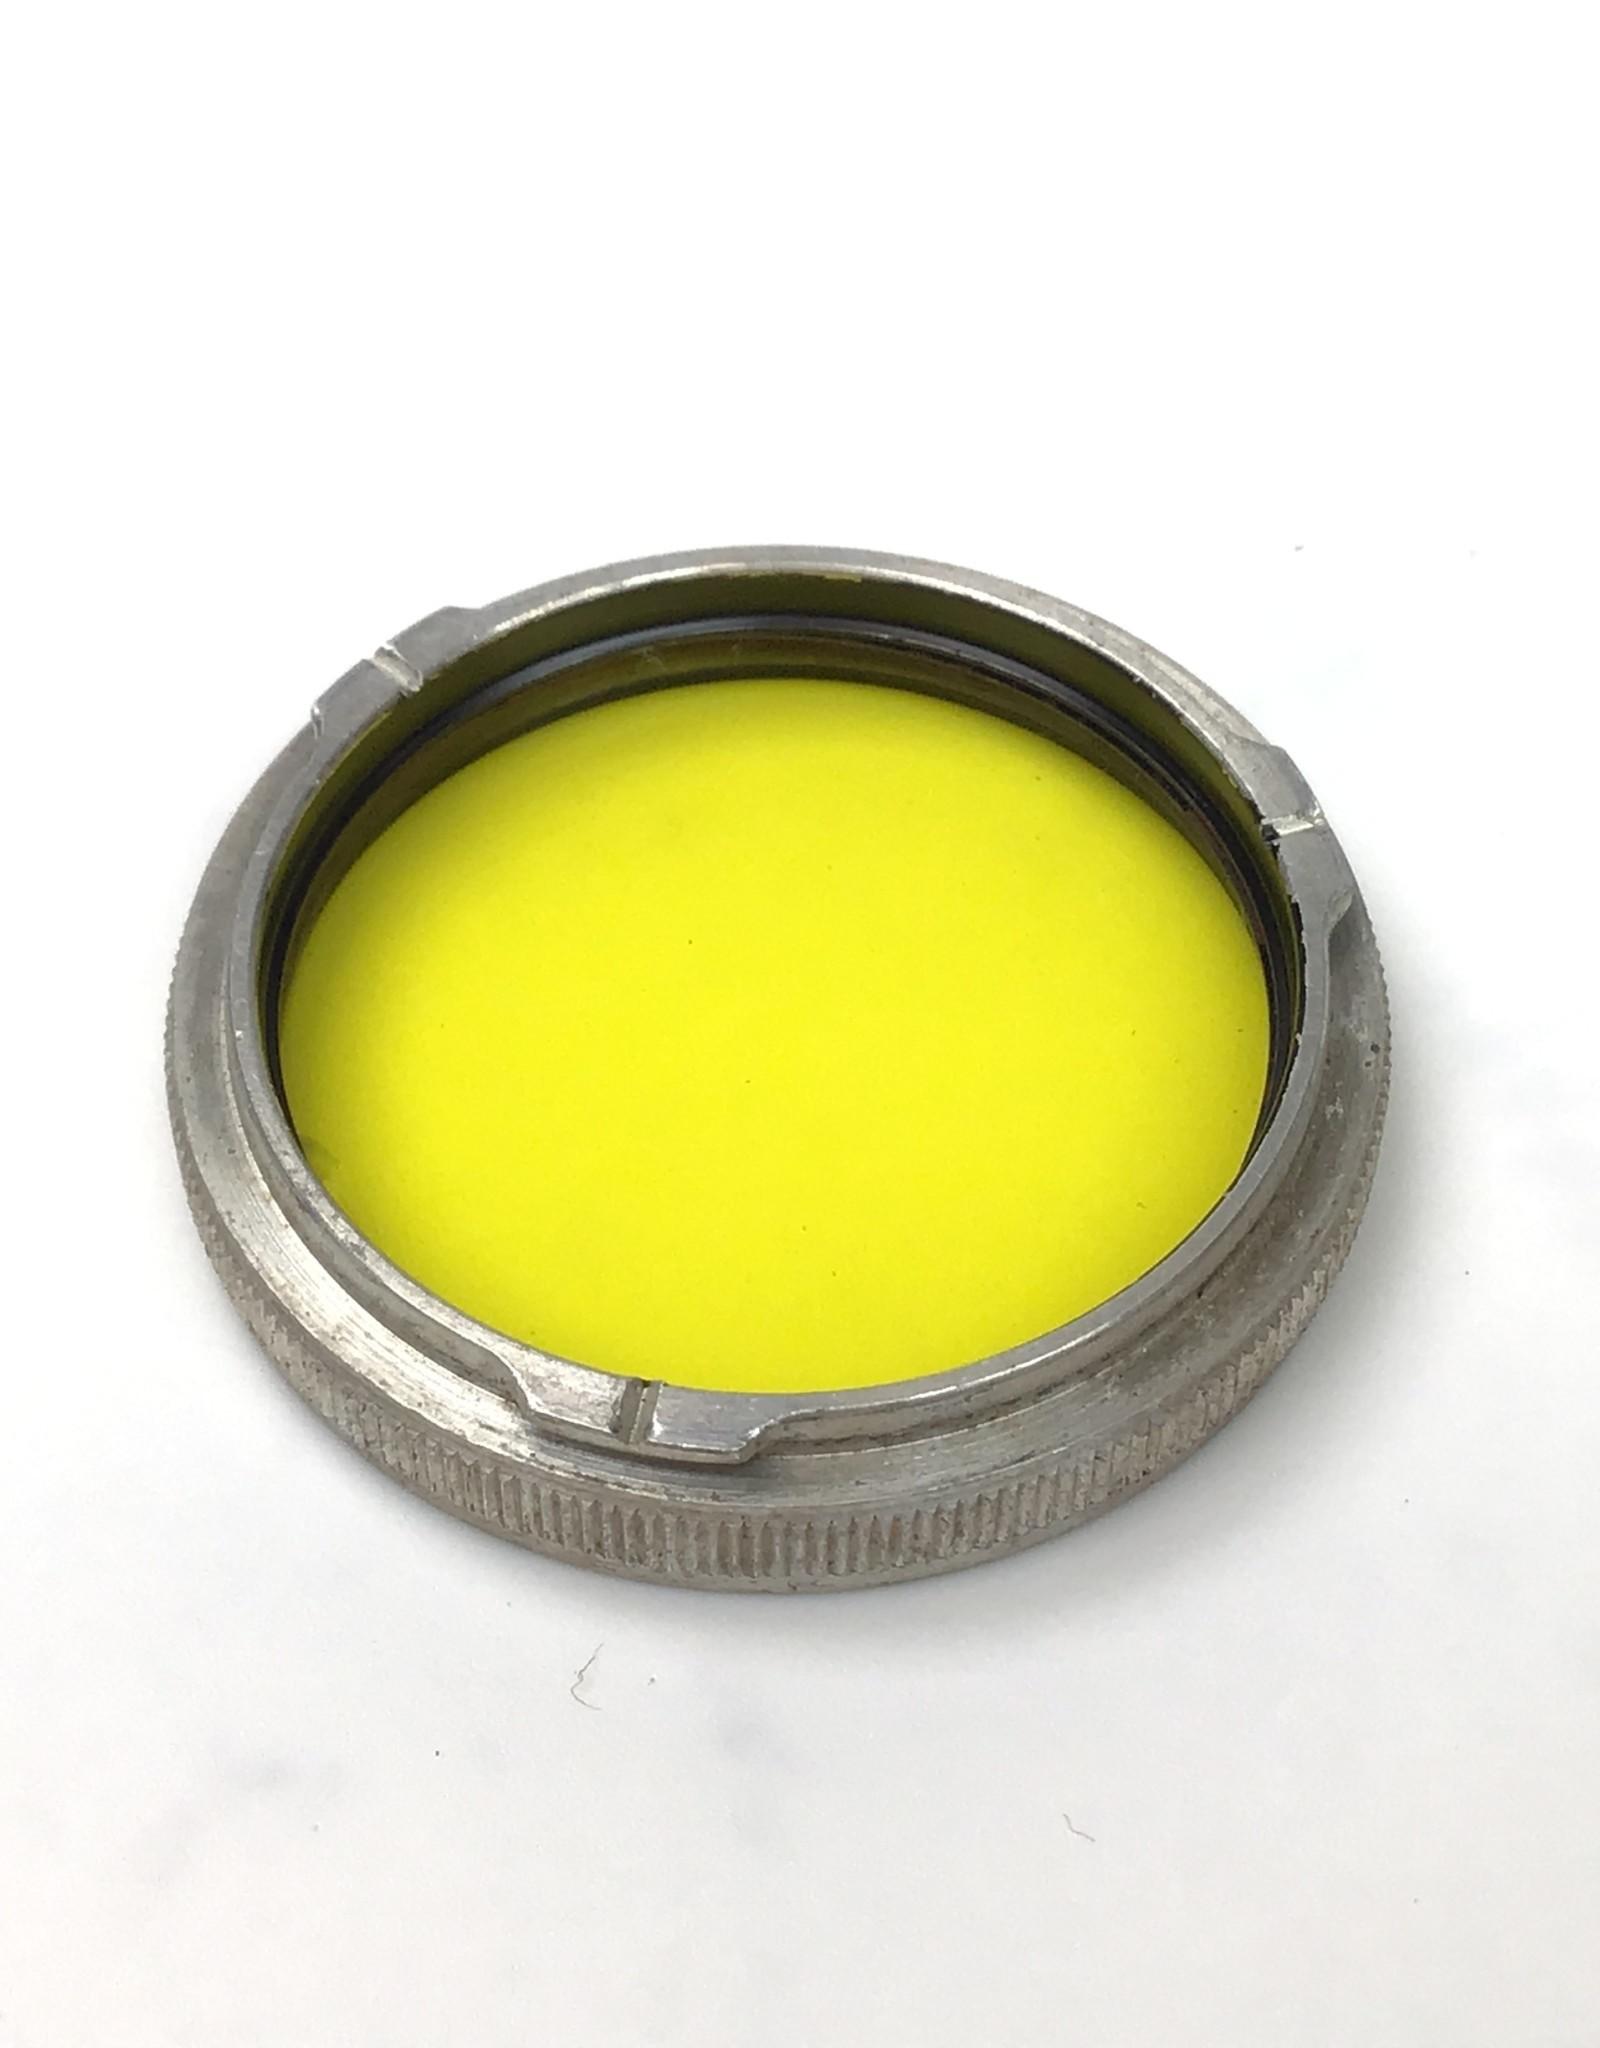 Rollei Rollei Rolleiflex 28.5 Bay 1 Gelb Mittel Yellow Filter Used EX